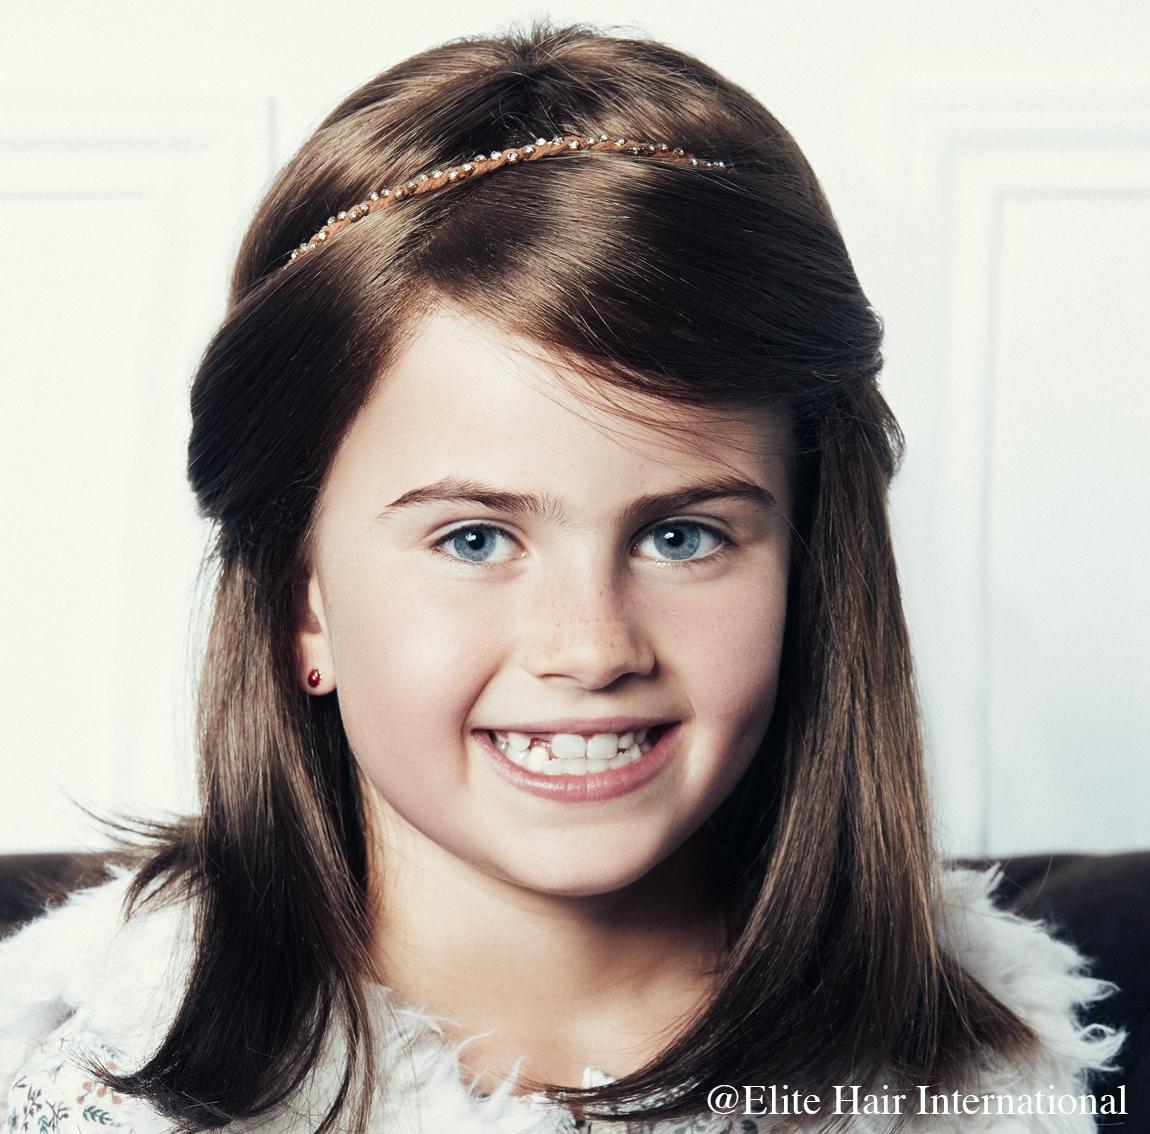 Portrait enfant portant la perruque Elite Kid, perruque 100 % remboursée d'Elite Hair International